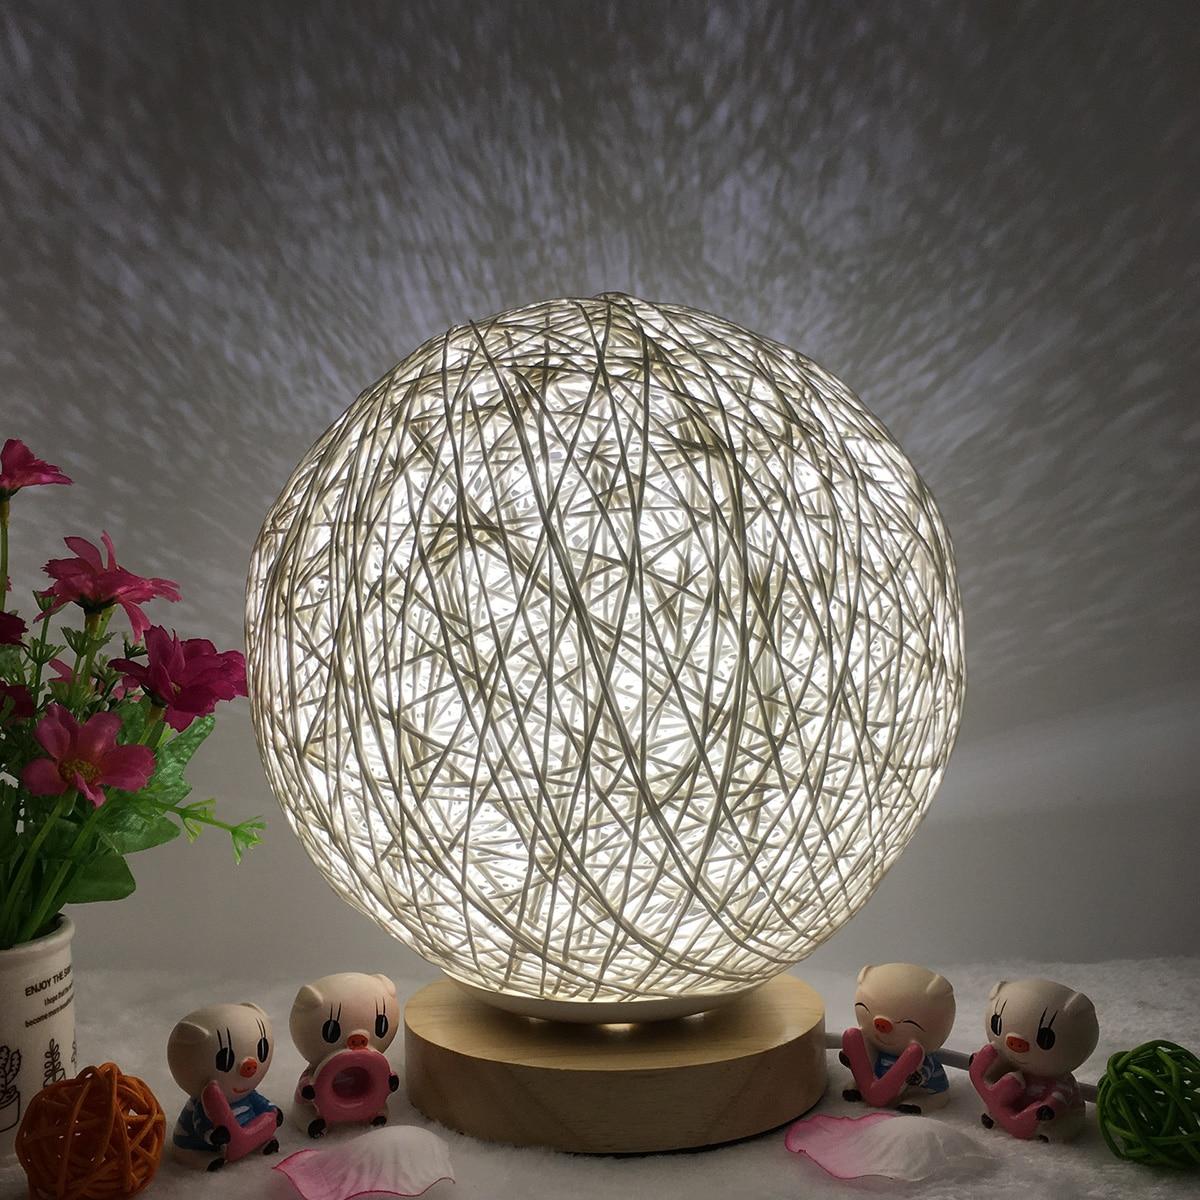 クリエイティブテーブルランプ手ニットシェード木材ムーンランプ USB 寝室ホーム結婚式の装飾月光夜の光